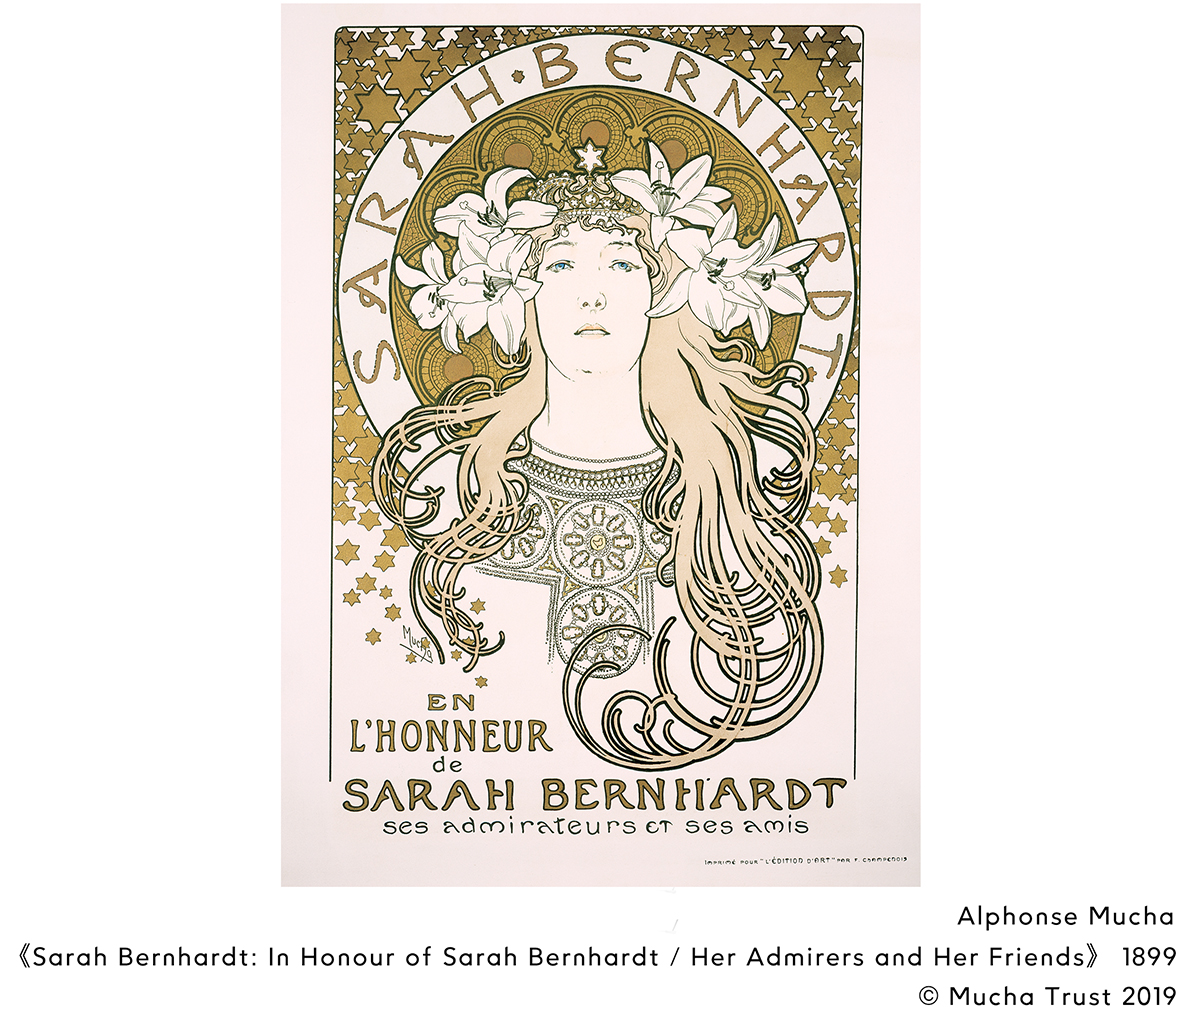 サラ・ベルナール 彼女の崇拝者と友人からの敬意を表して